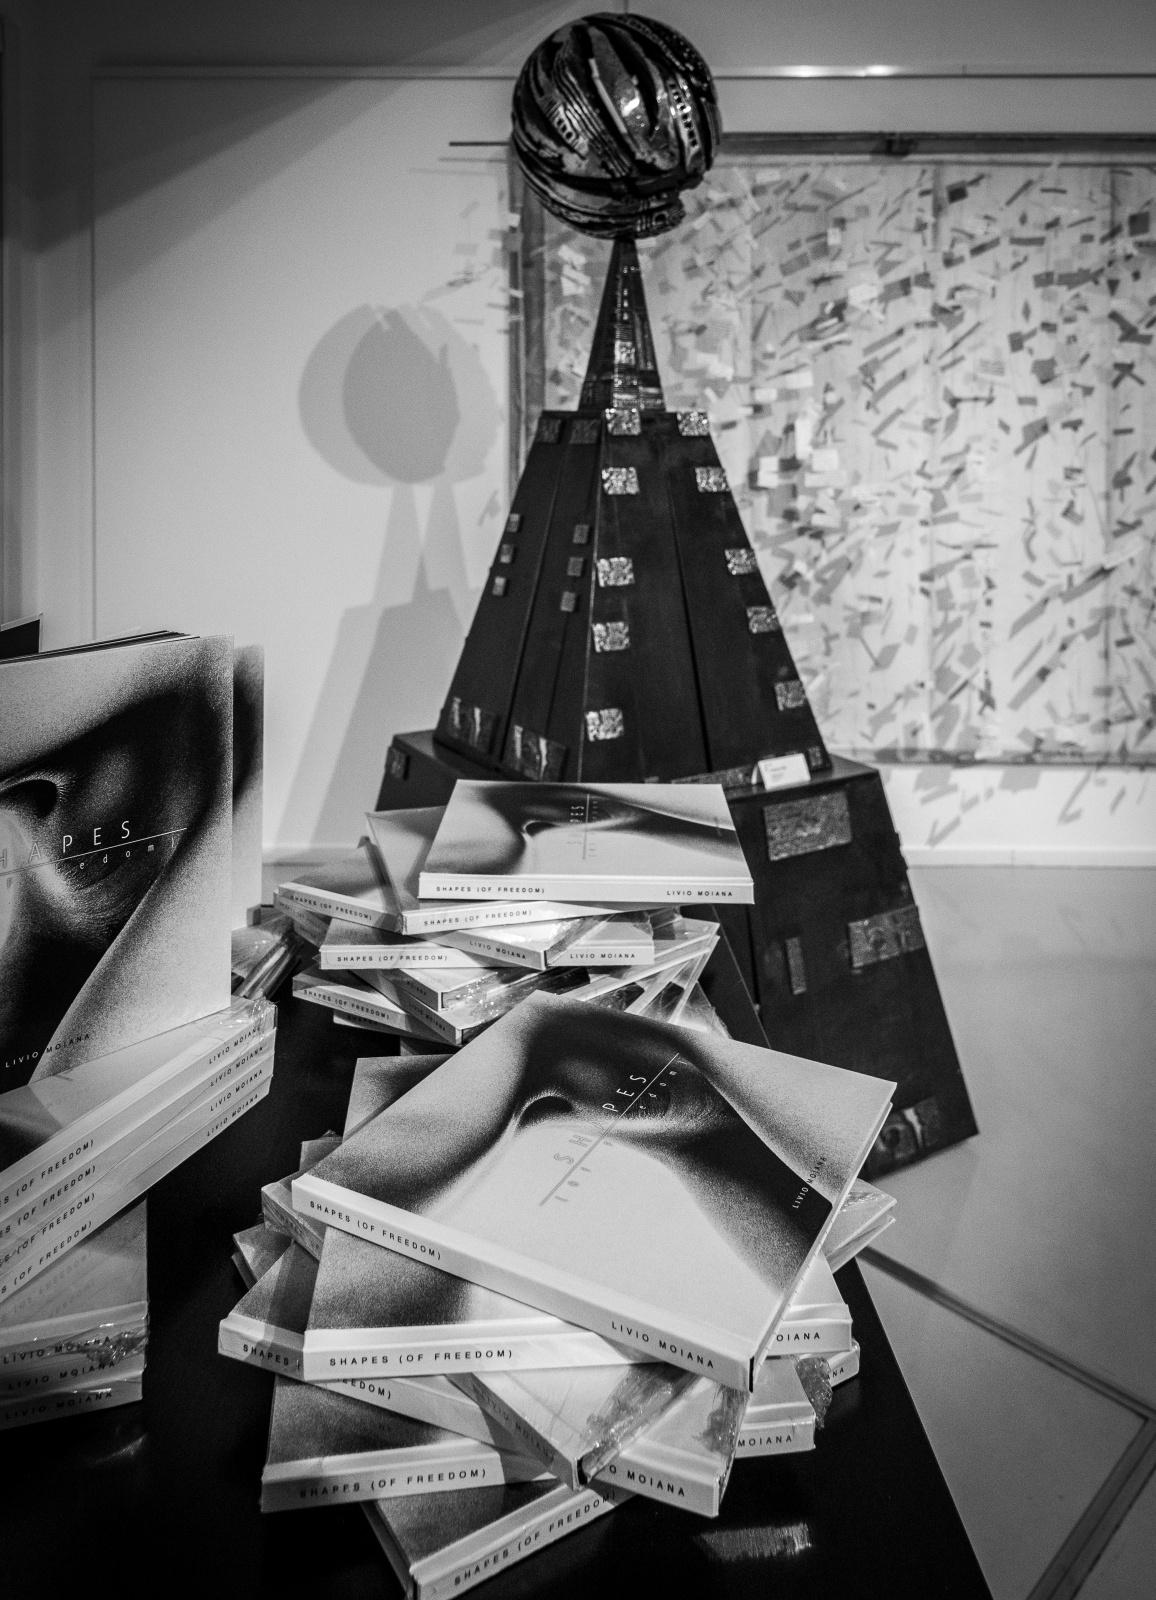 Presentazione del libro ''Shapes of Freedom'' di Livio Moiana - 23/02/2019